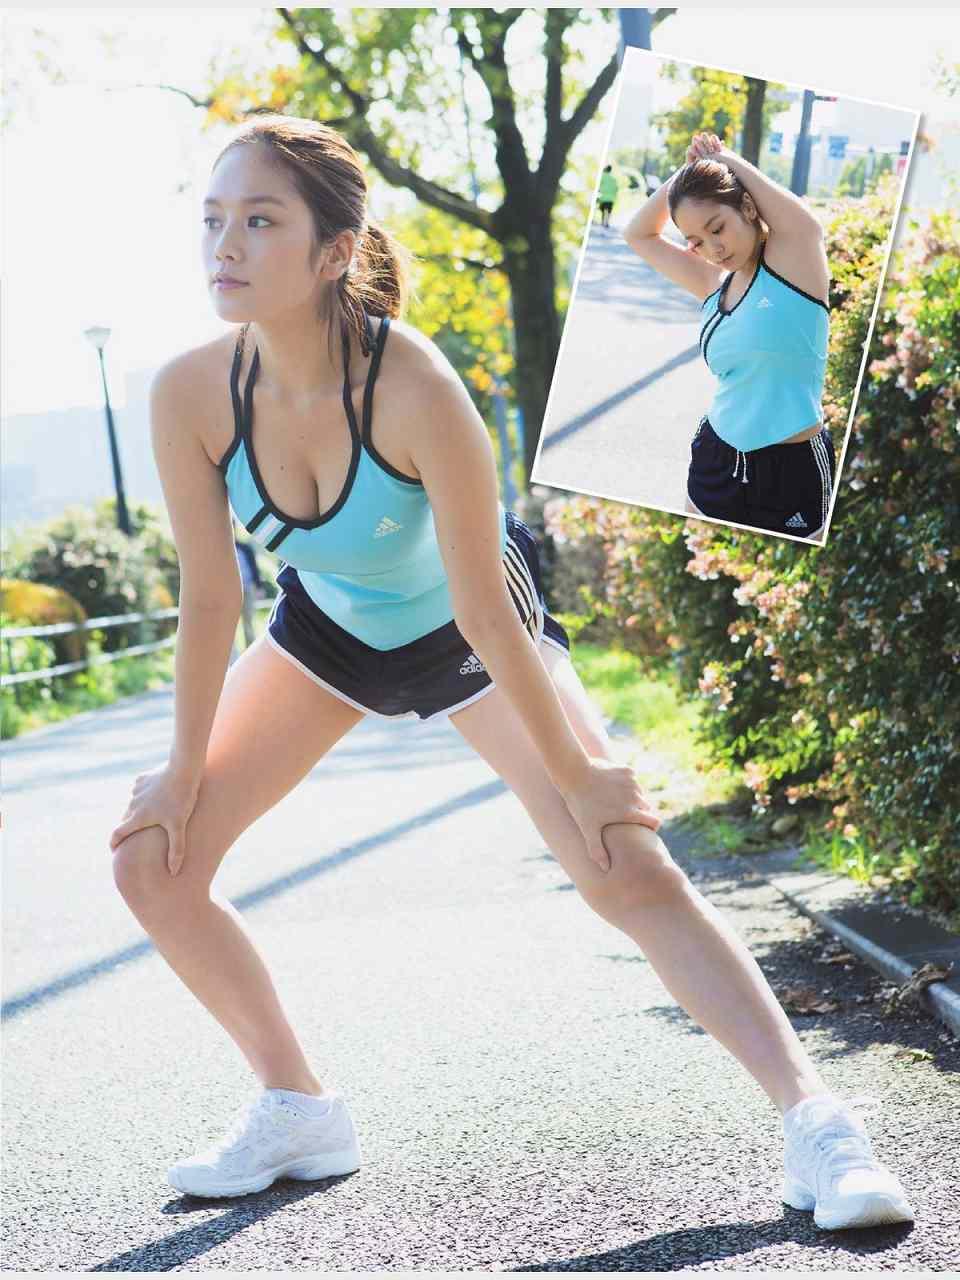 露出度の高いスポーツウェアを着て走る筧美和子